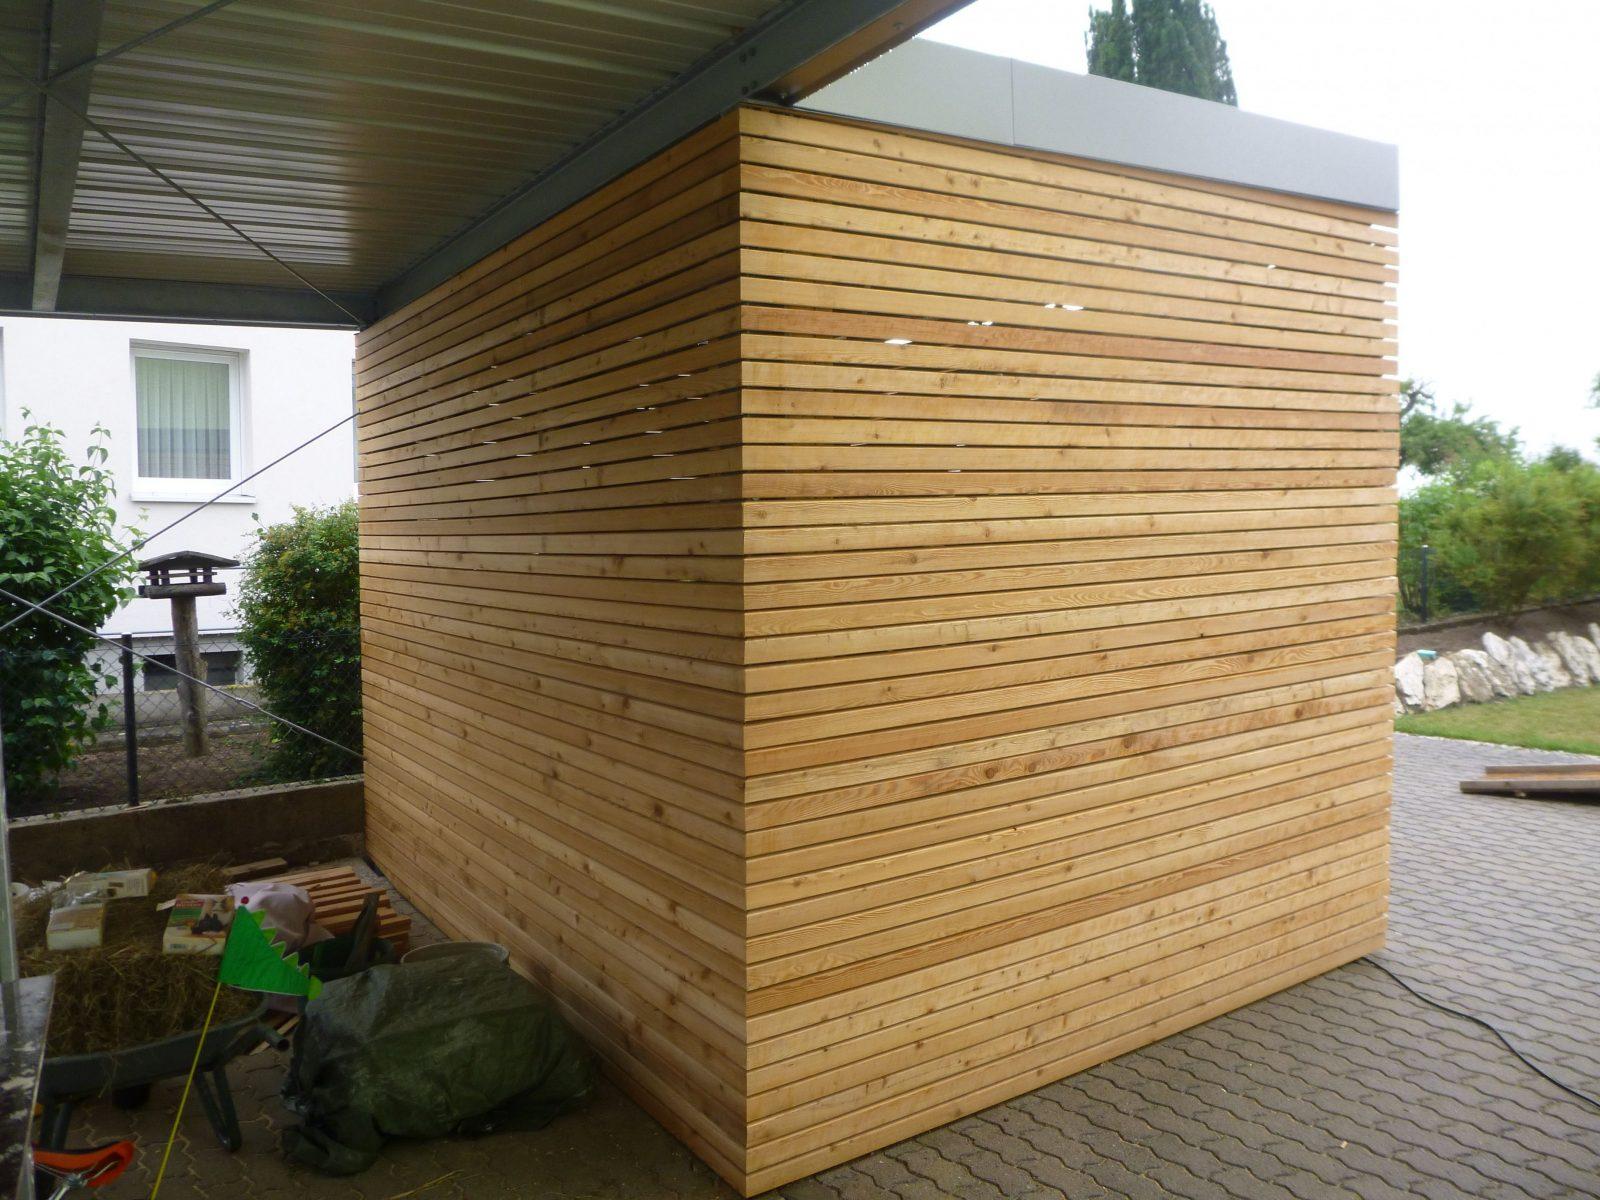 Carporthütte Mit Rhombusleisten Bauanleitung Zum Selber Bauen  Ext von Sichtschutz Lärche Selber Bauen Bild